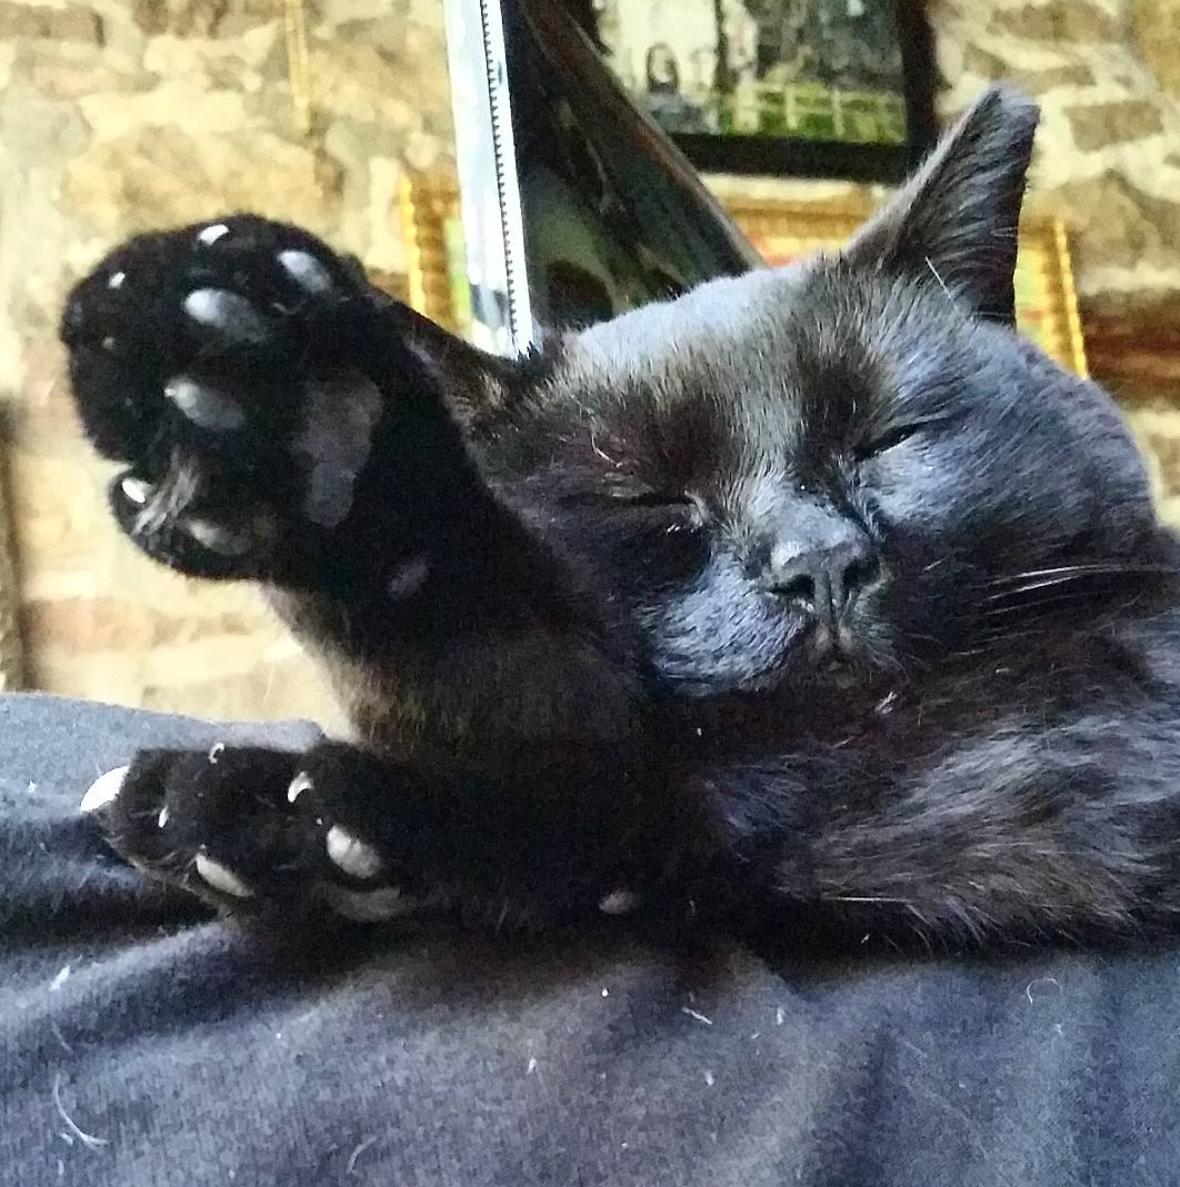 Must….take….nap…..zzzzzzzzzzzzz